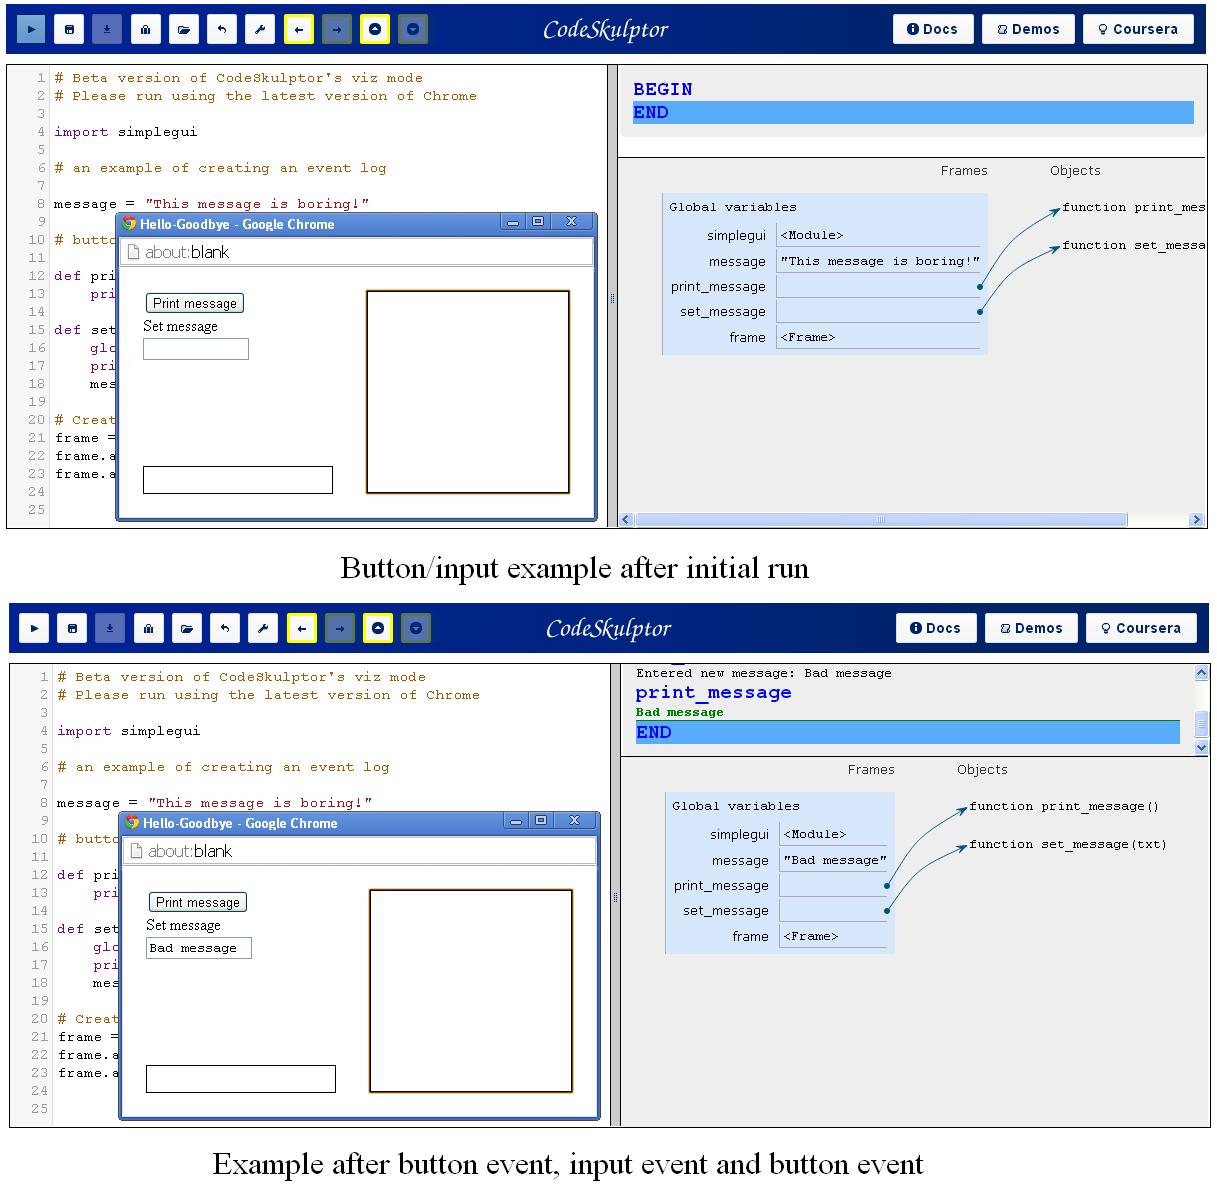 Firing button/input events